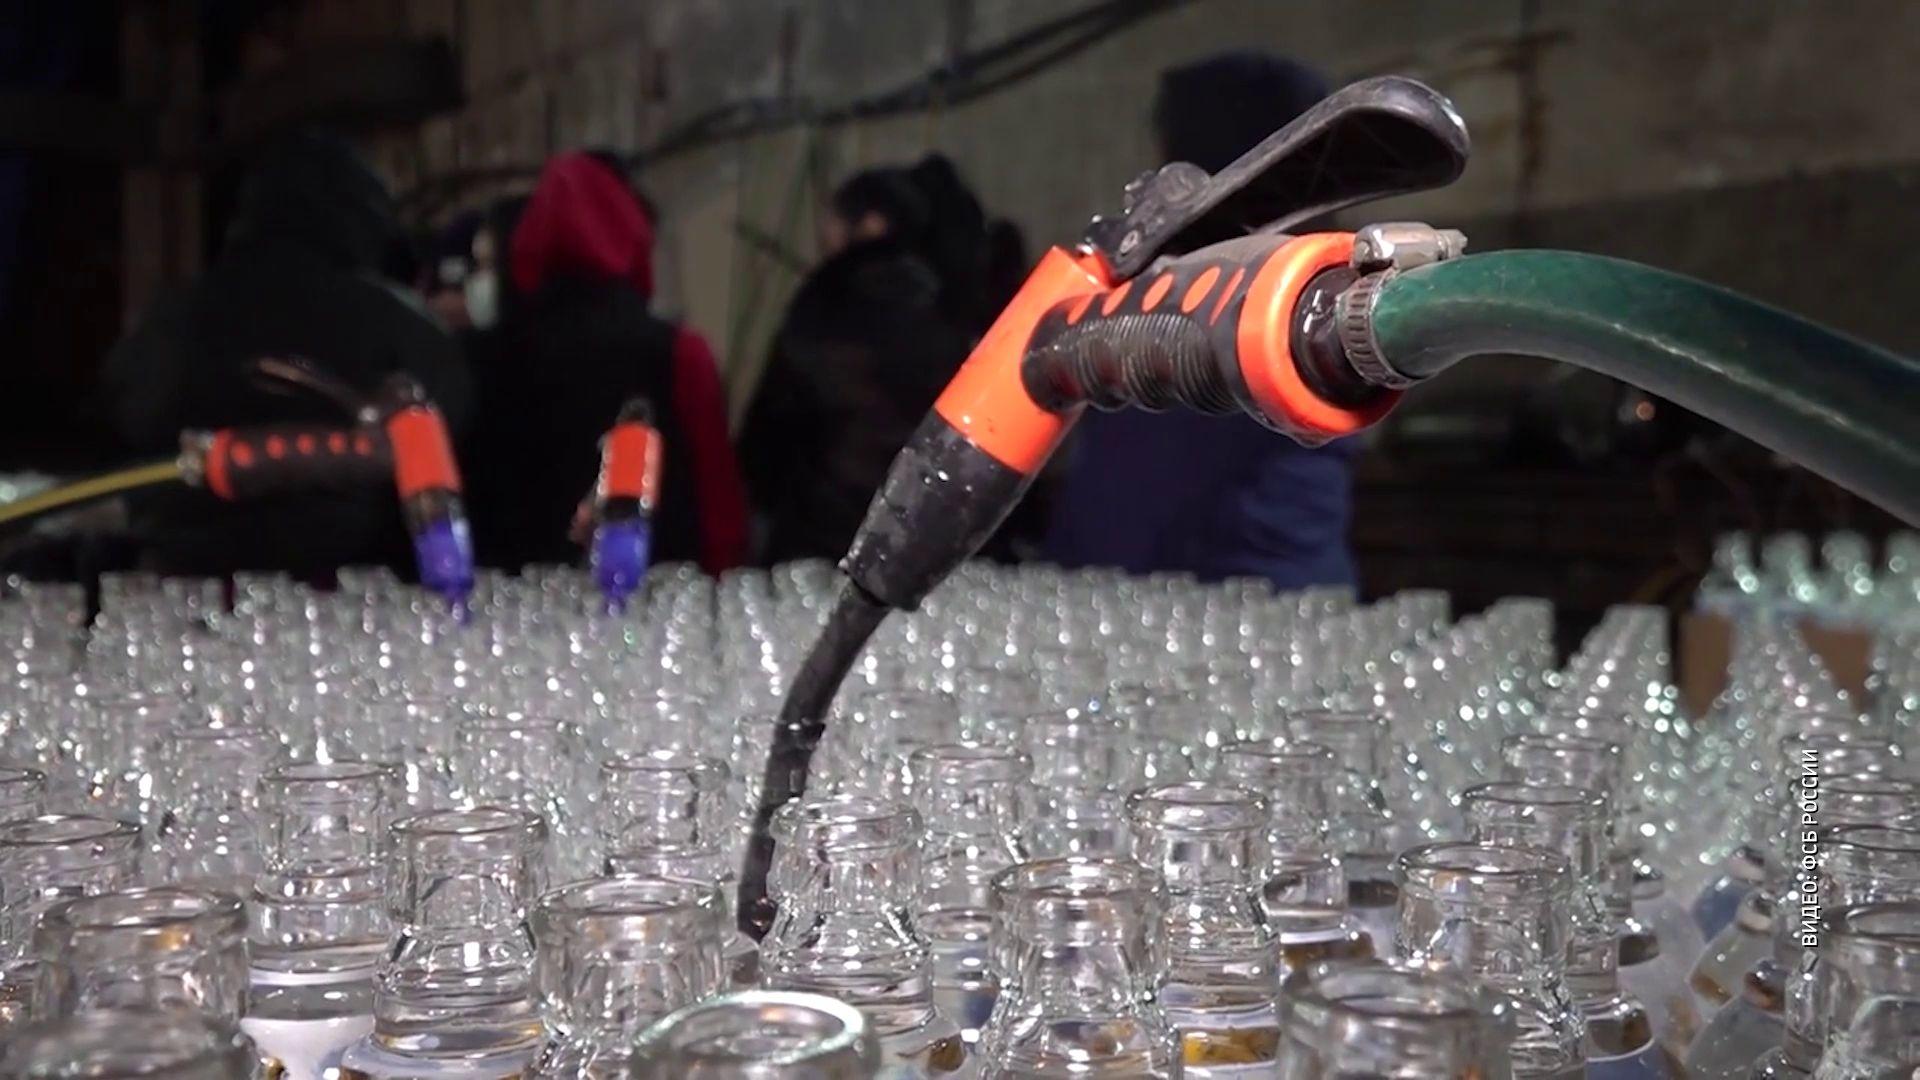 Руководитель завода, который нелегально изготовлял алкоголь, находится в федеральном розыске